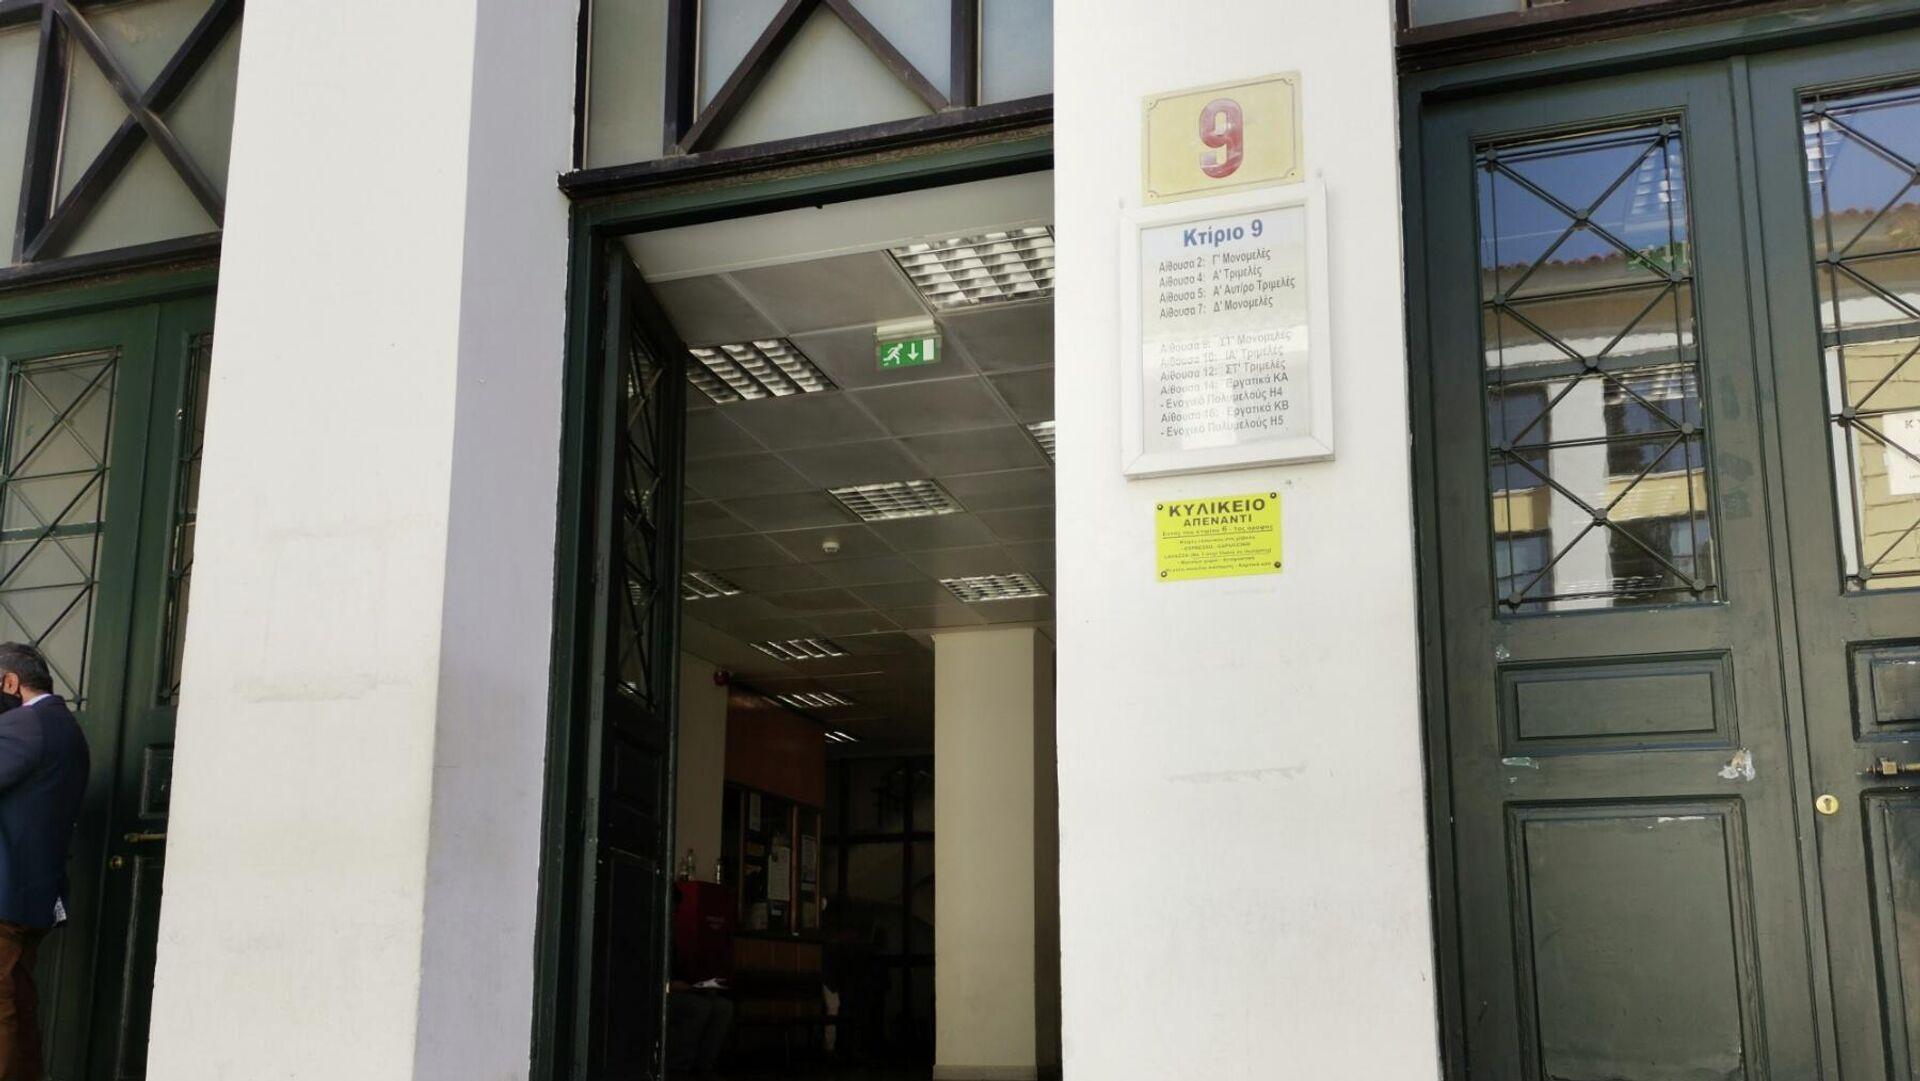 Το κτίριο 9 στα δικαστήρια της Ευελπίδων - Sputnik Ελλάδα, 1920, 16.09.2021